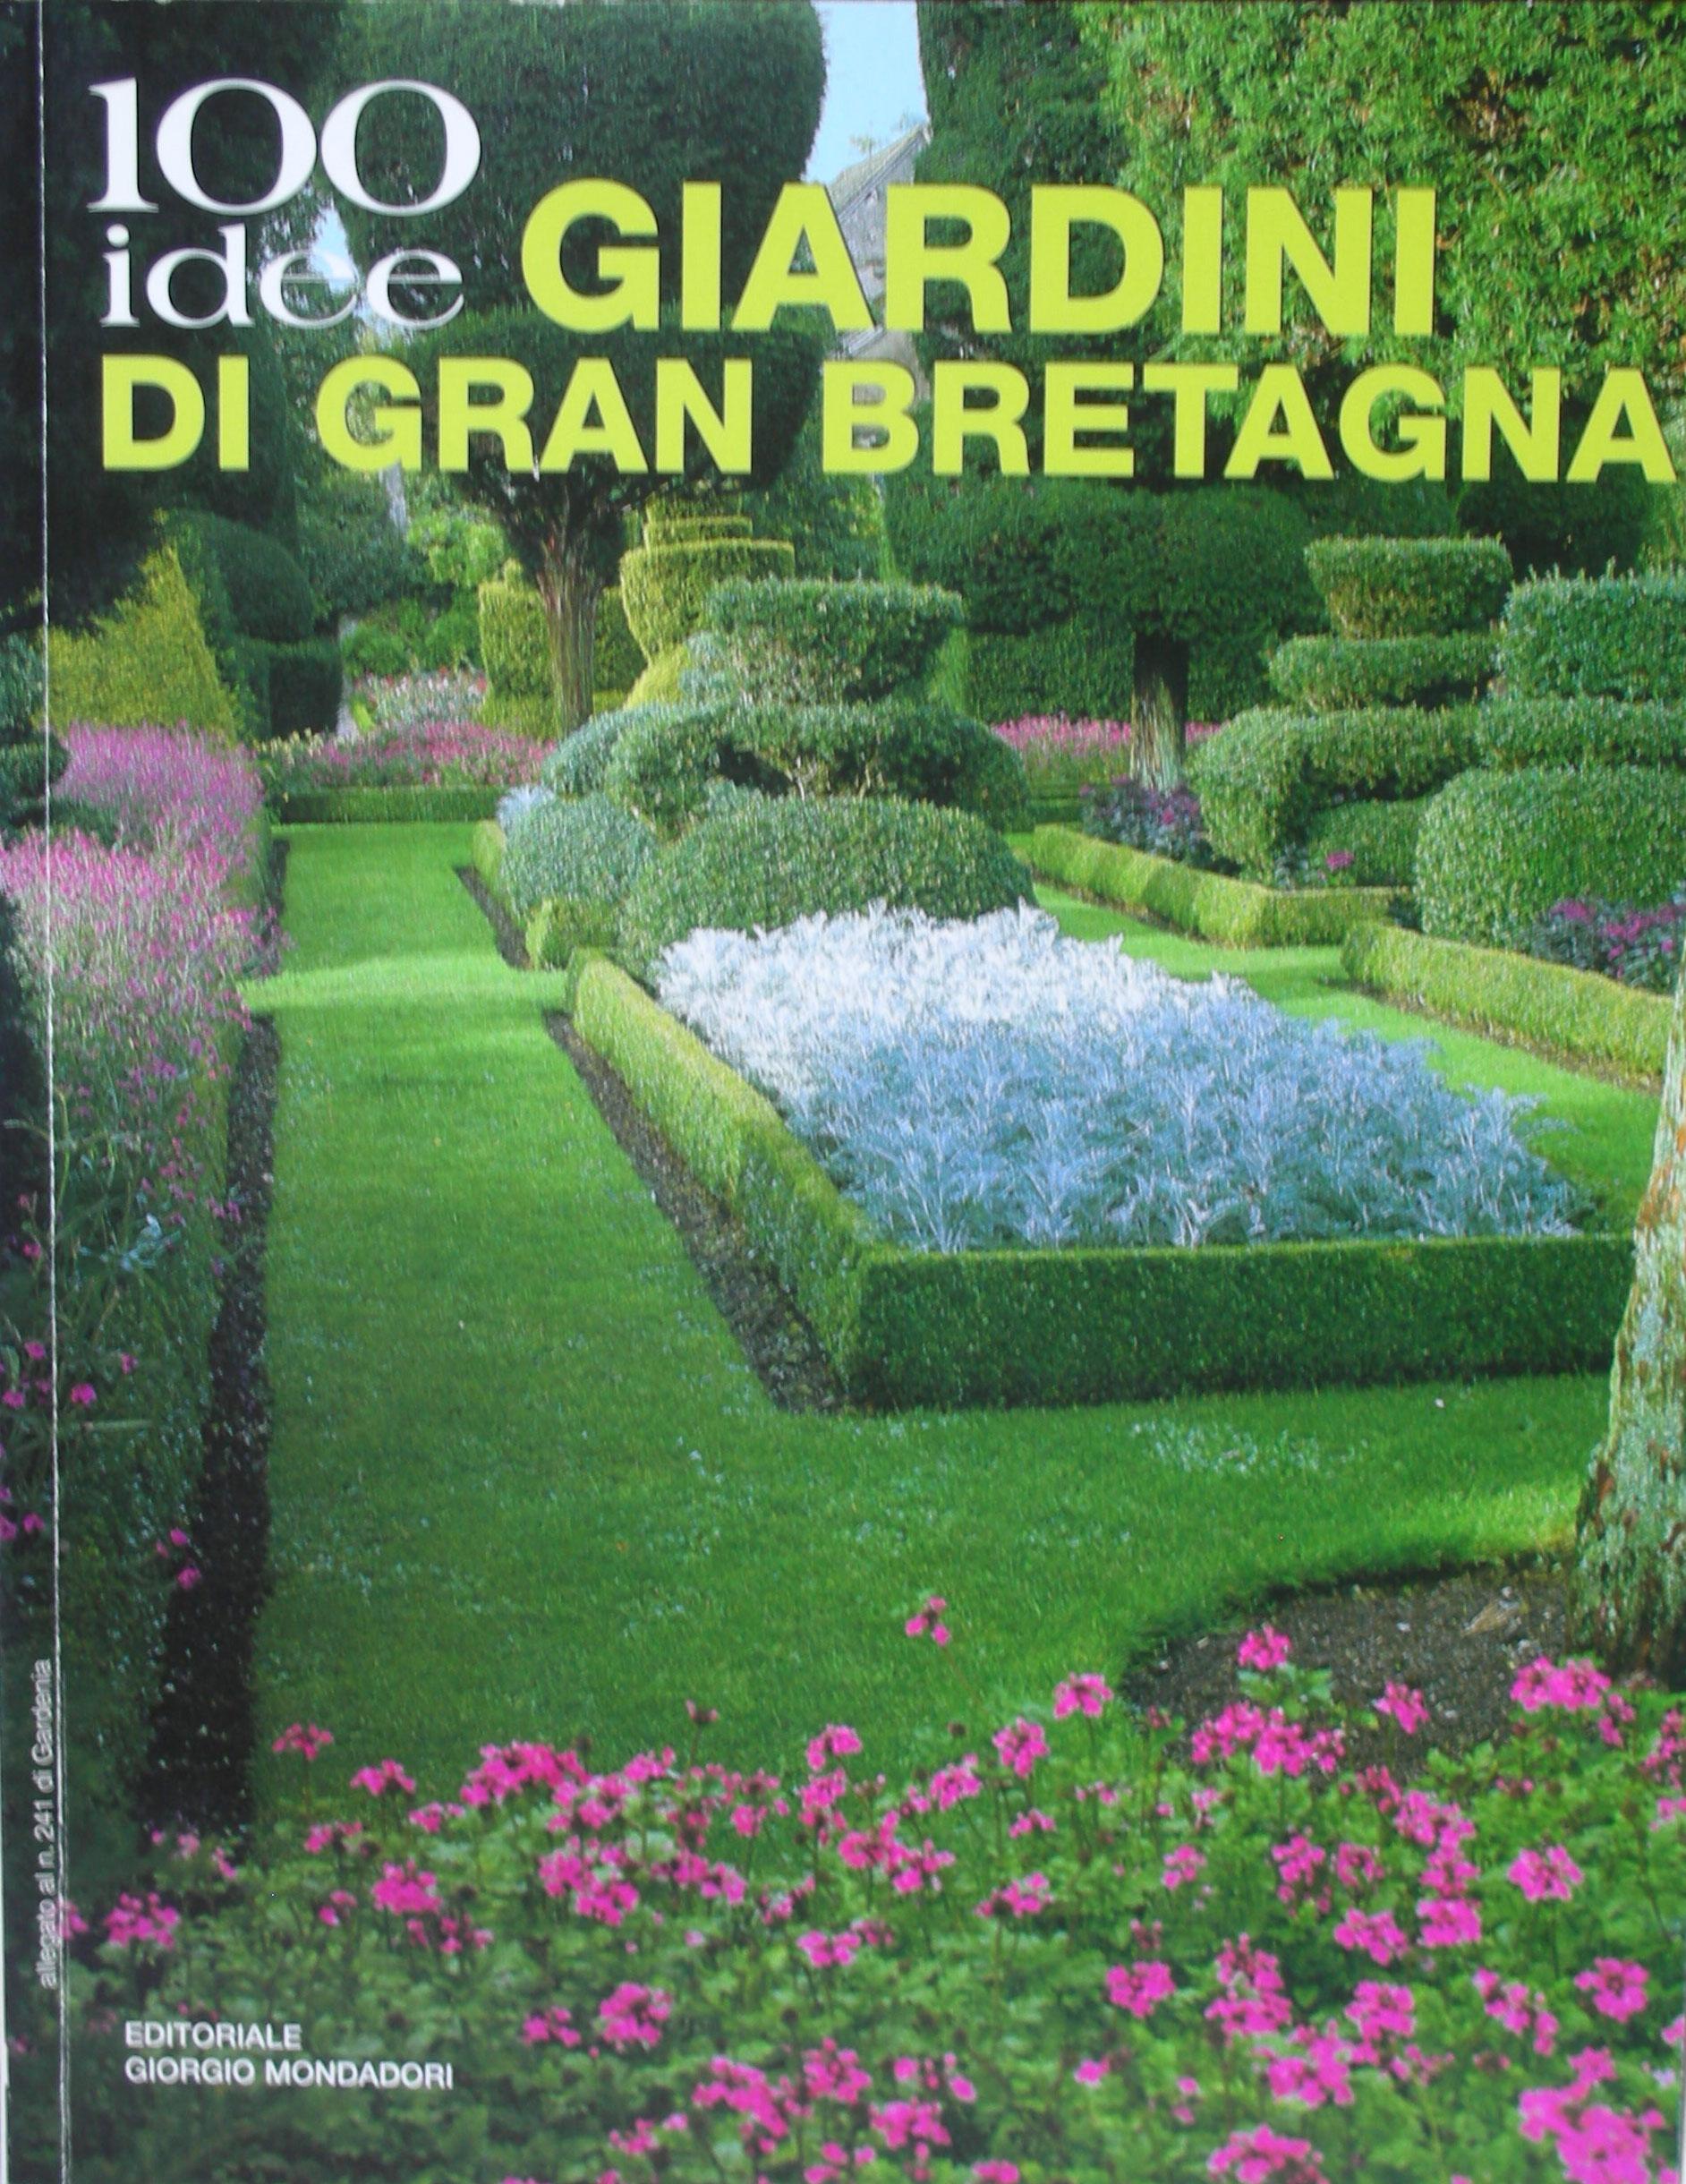 100 idee: Giardini di Gran Bretagna